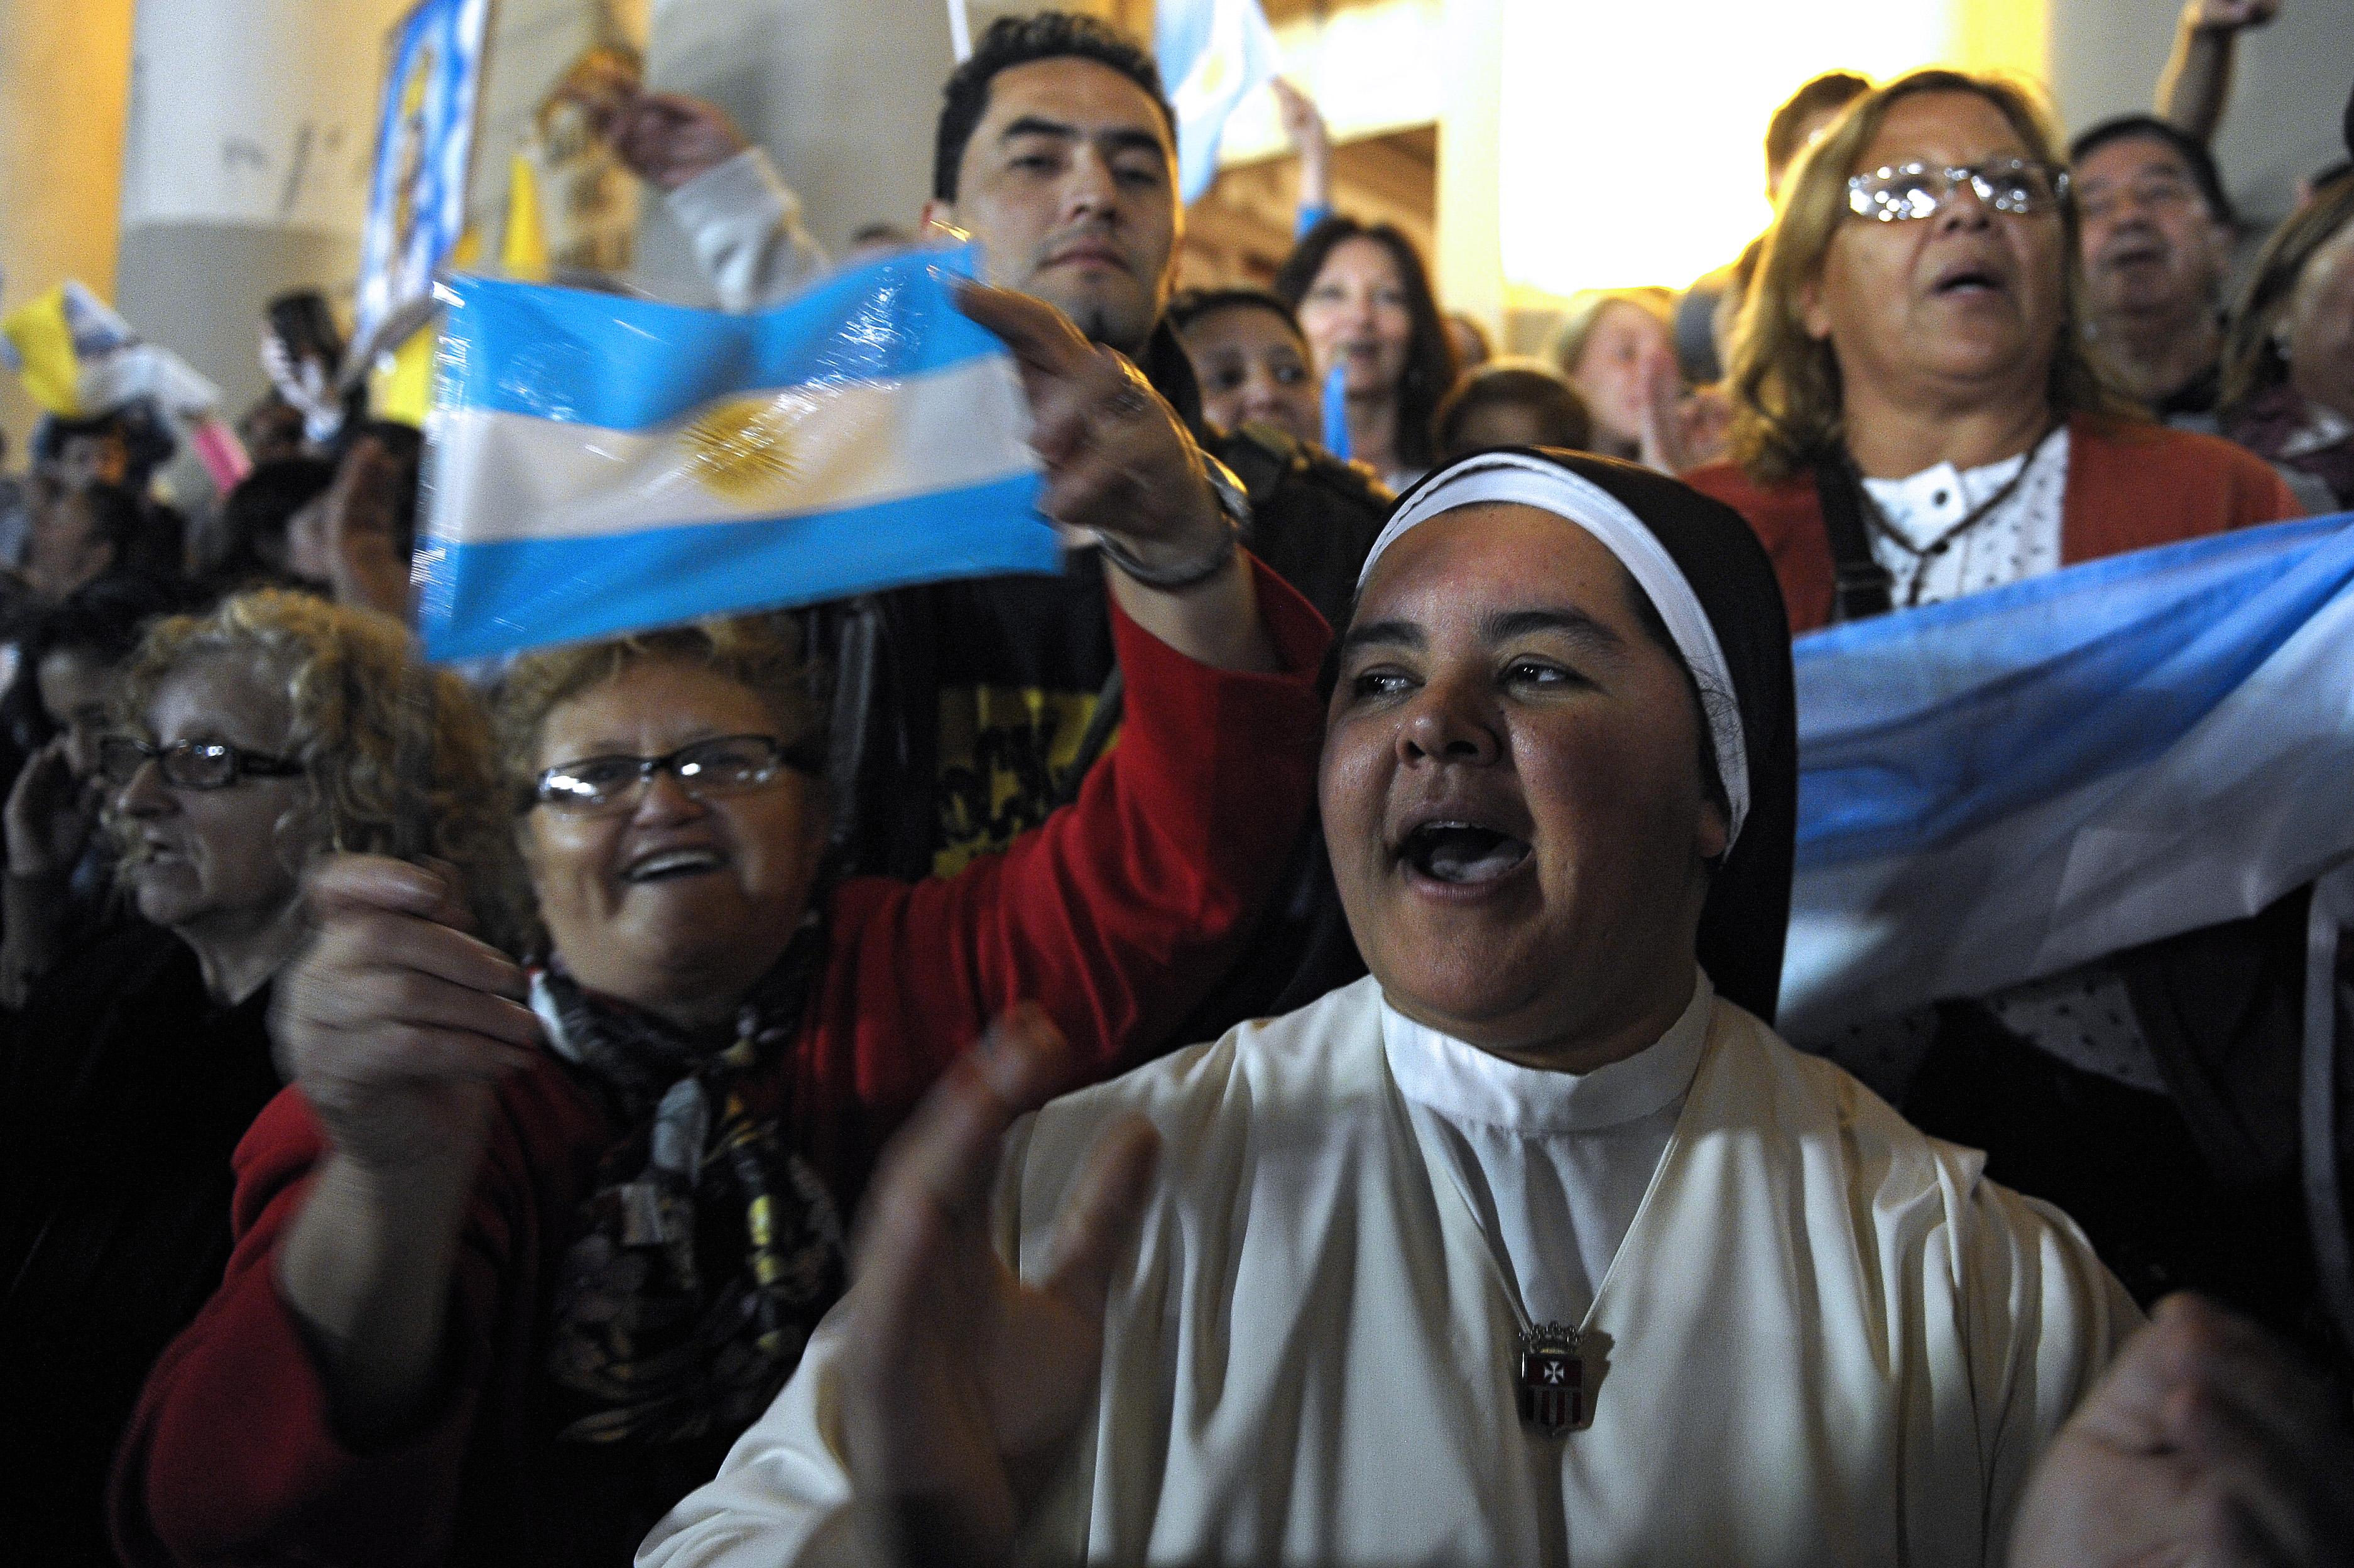 Féminisme, la victoire argentine - Catholiques progressistes contre le Saint-Siège (2/3)